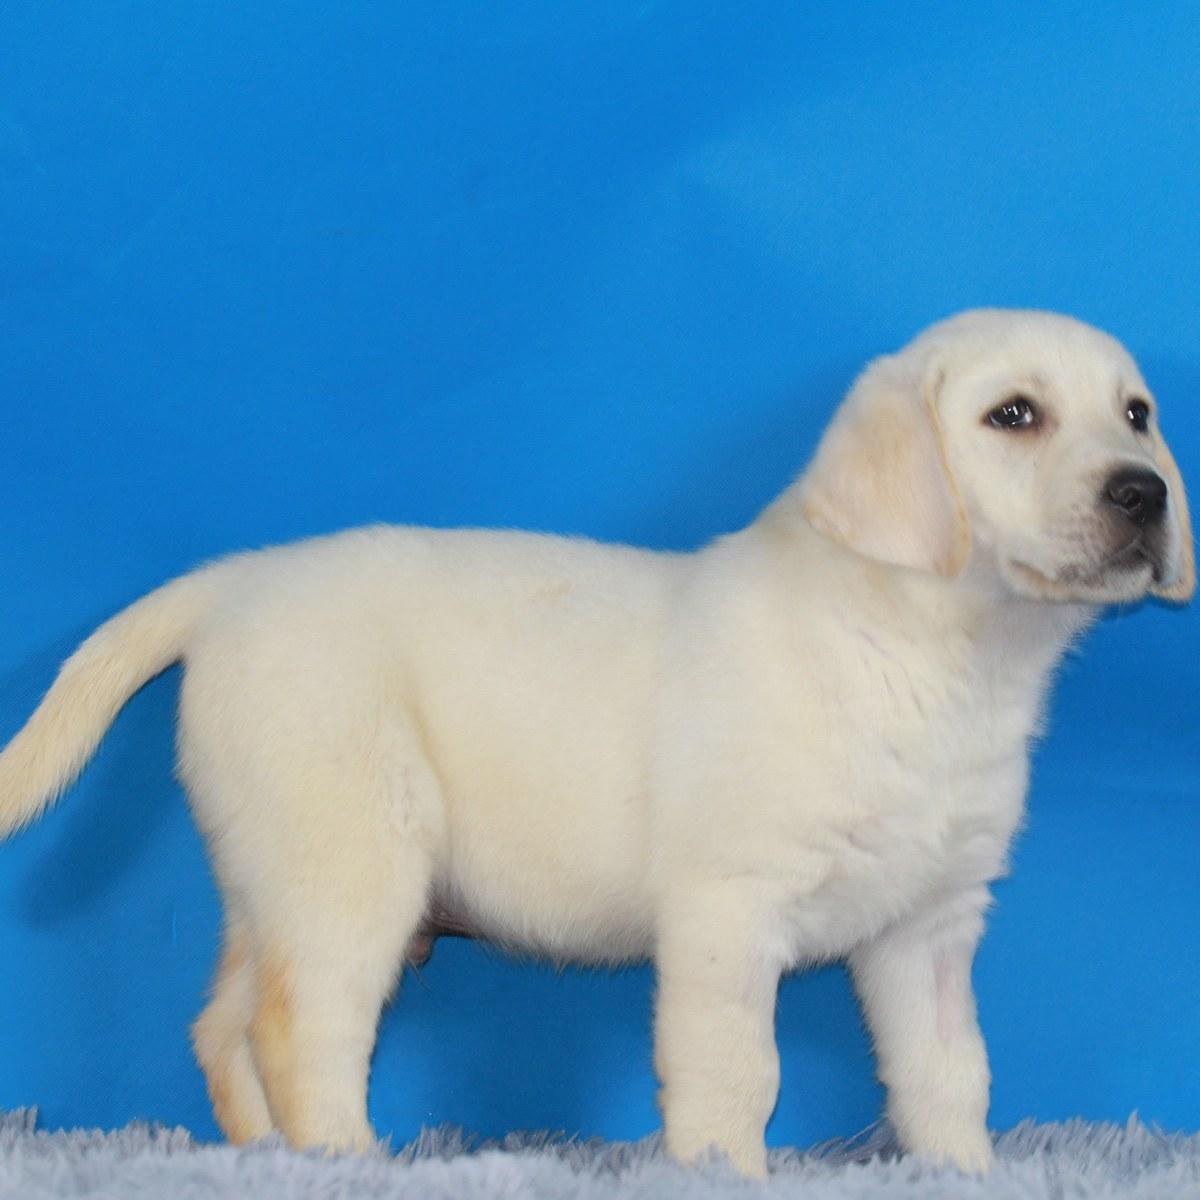 拉布拉多犬 公dd / 编 号: 10050800